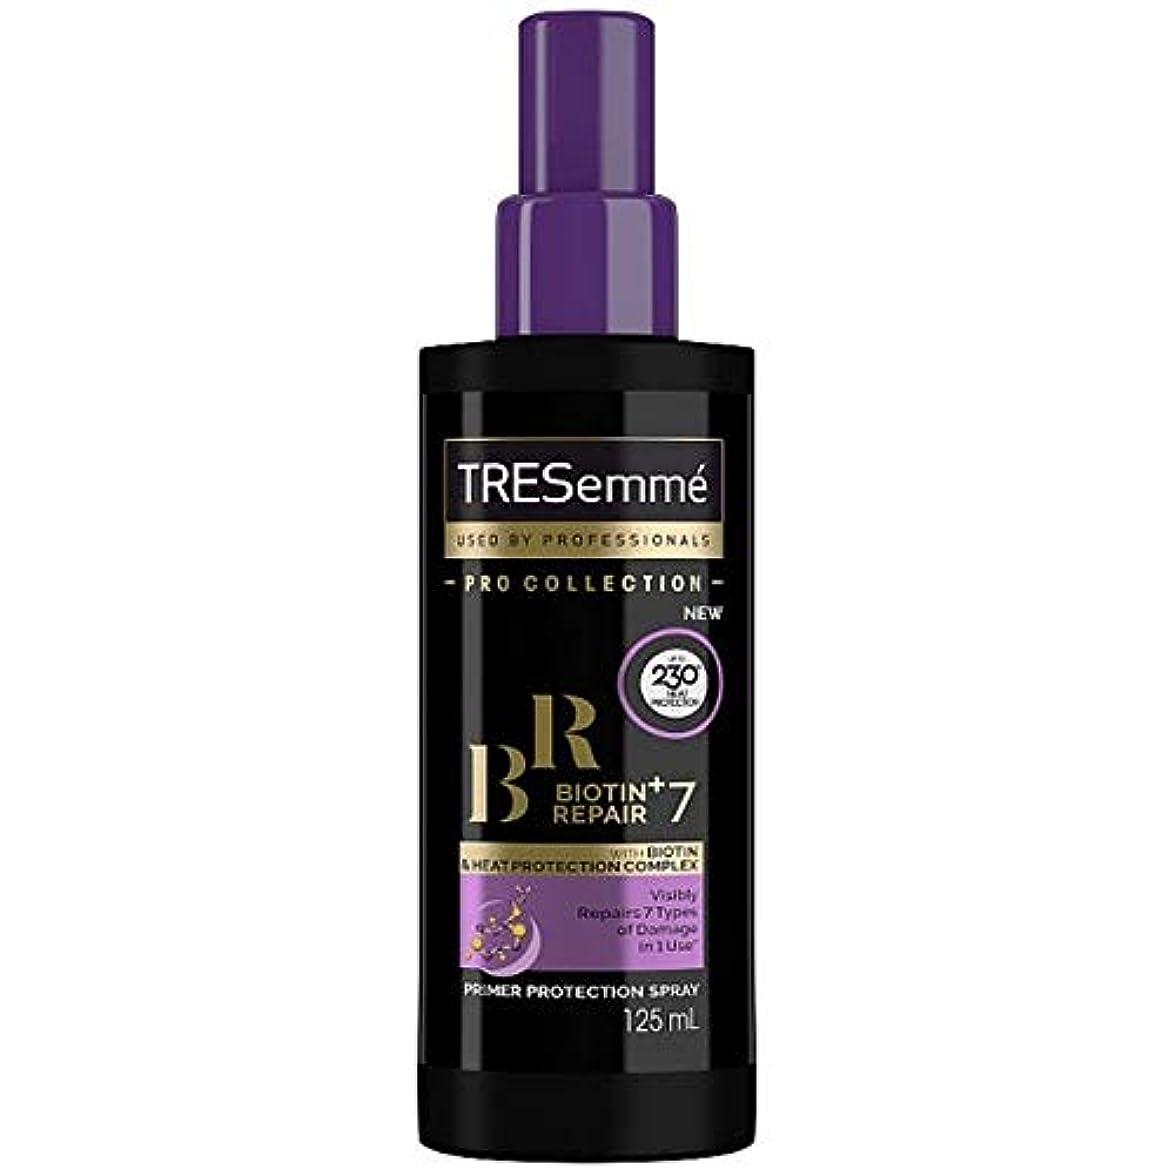 キャメル国民甥[Tresemme] Tresemmeビオチン+修理7プライマー保護スプレー125ミリリットル - Tresemme Biotin+ Repair 7 Primer Protection Spray 125ml [並行輸入品]